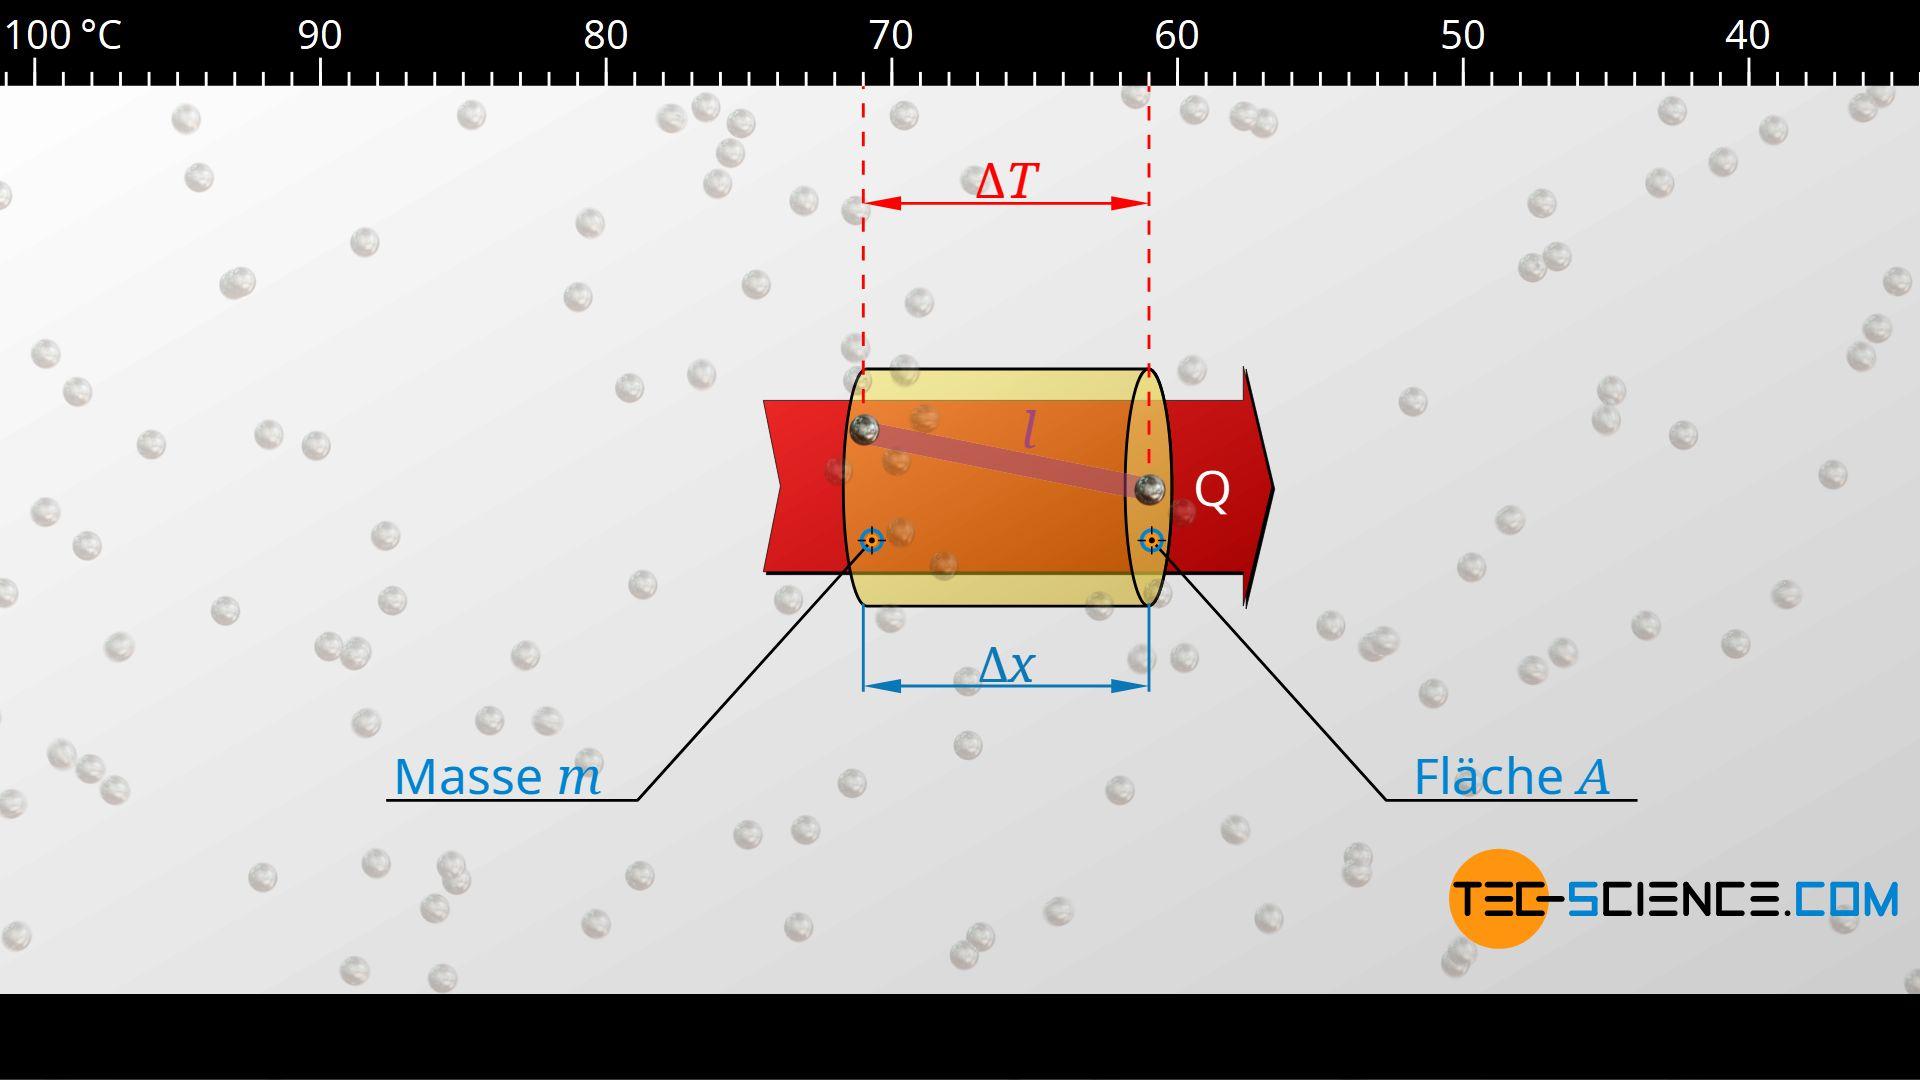 Berechnung des Wärmestrom über die spezifische Wärmekapazität und die mittlere freie Weglänge der Phononen